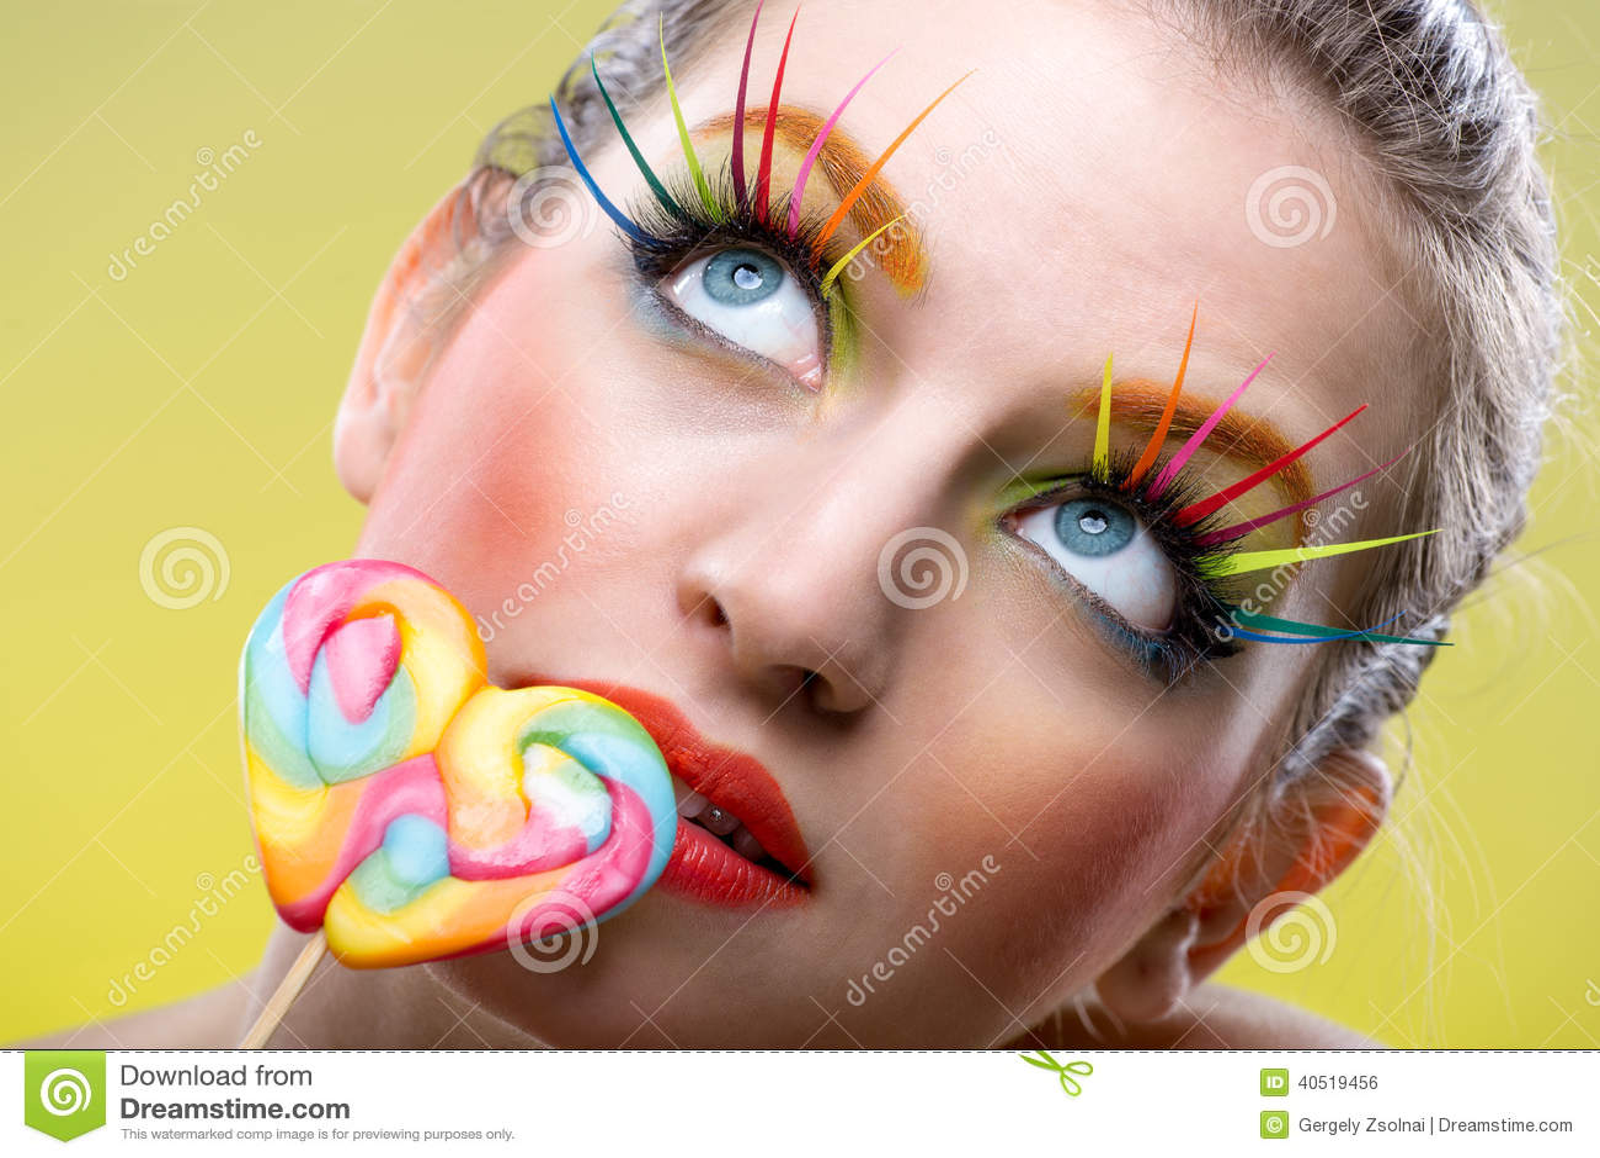 lucette tordue colore et maquillage extrme color de mode - Colori Maquillage